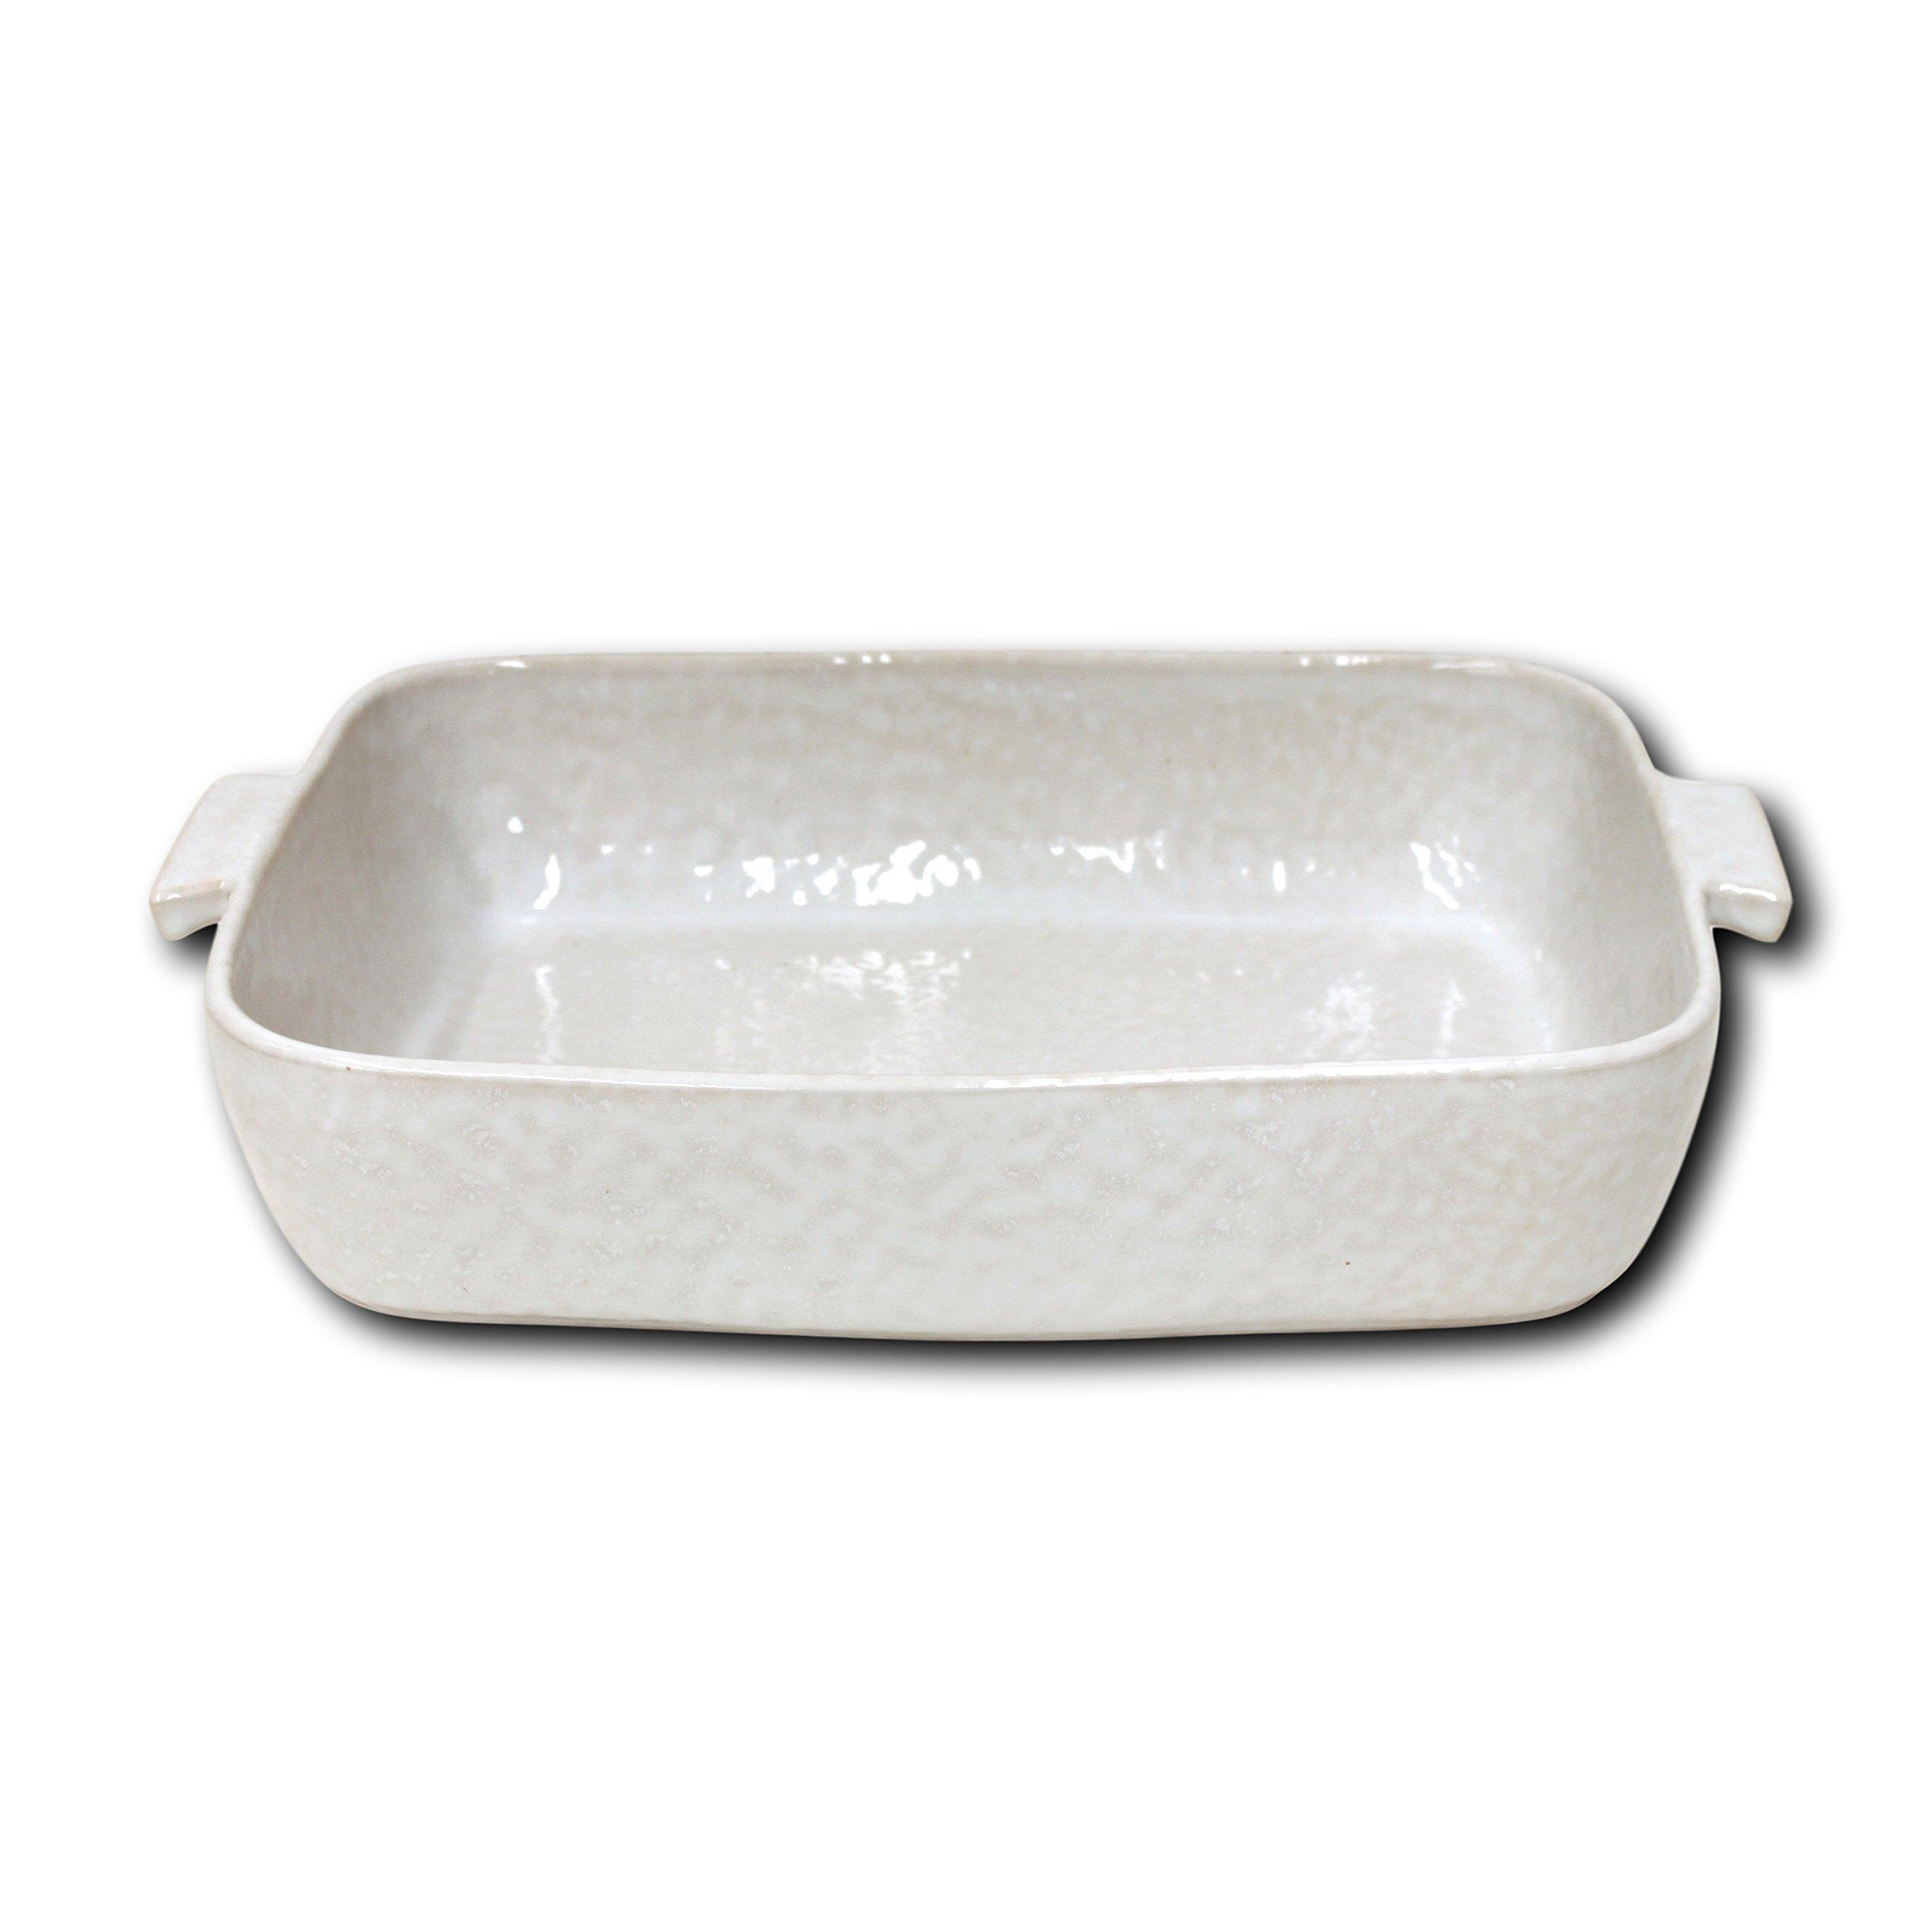 Carmel Ceramica 05-1501 Rectangular Baker, 14'' x 10'' x 3.25'', White